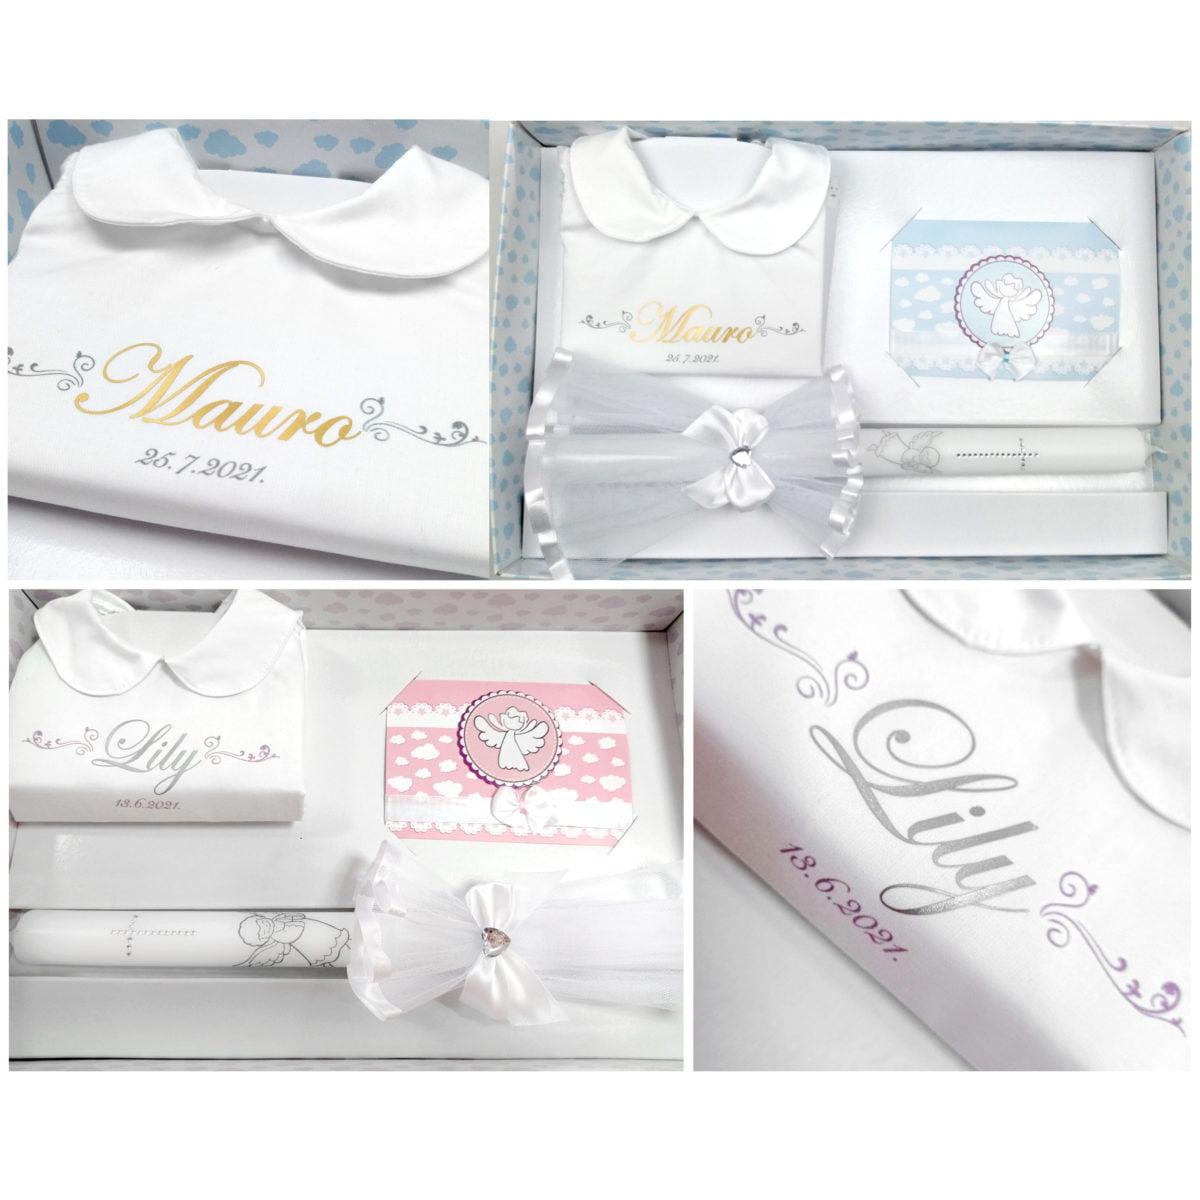 srebrna i zlatna slova personalizirane krsne košuljice